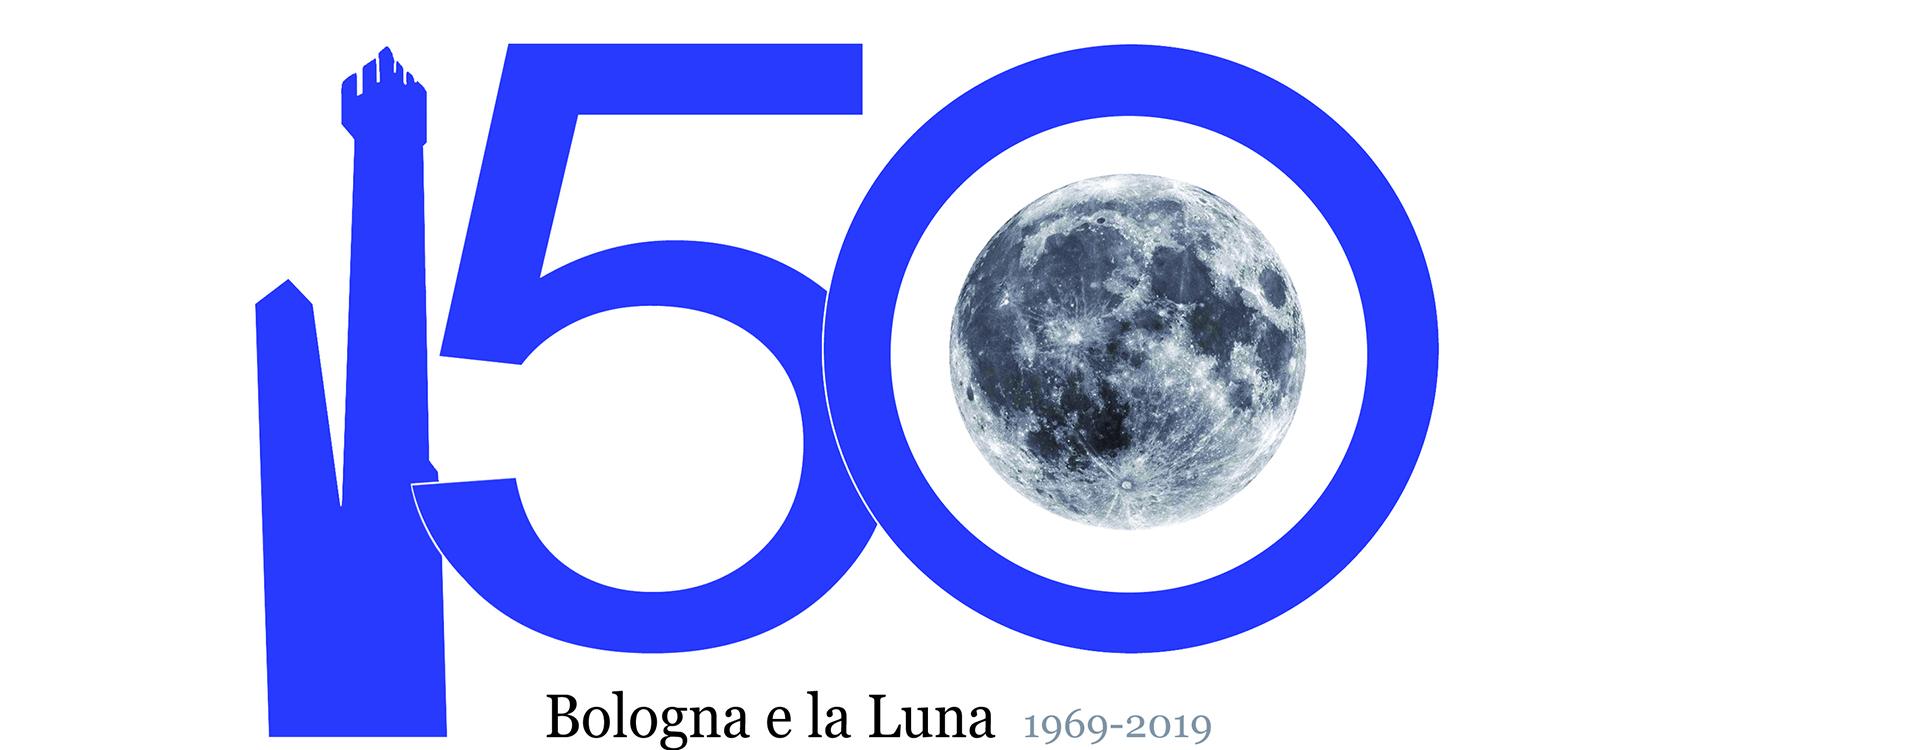 Bologna e la Luna